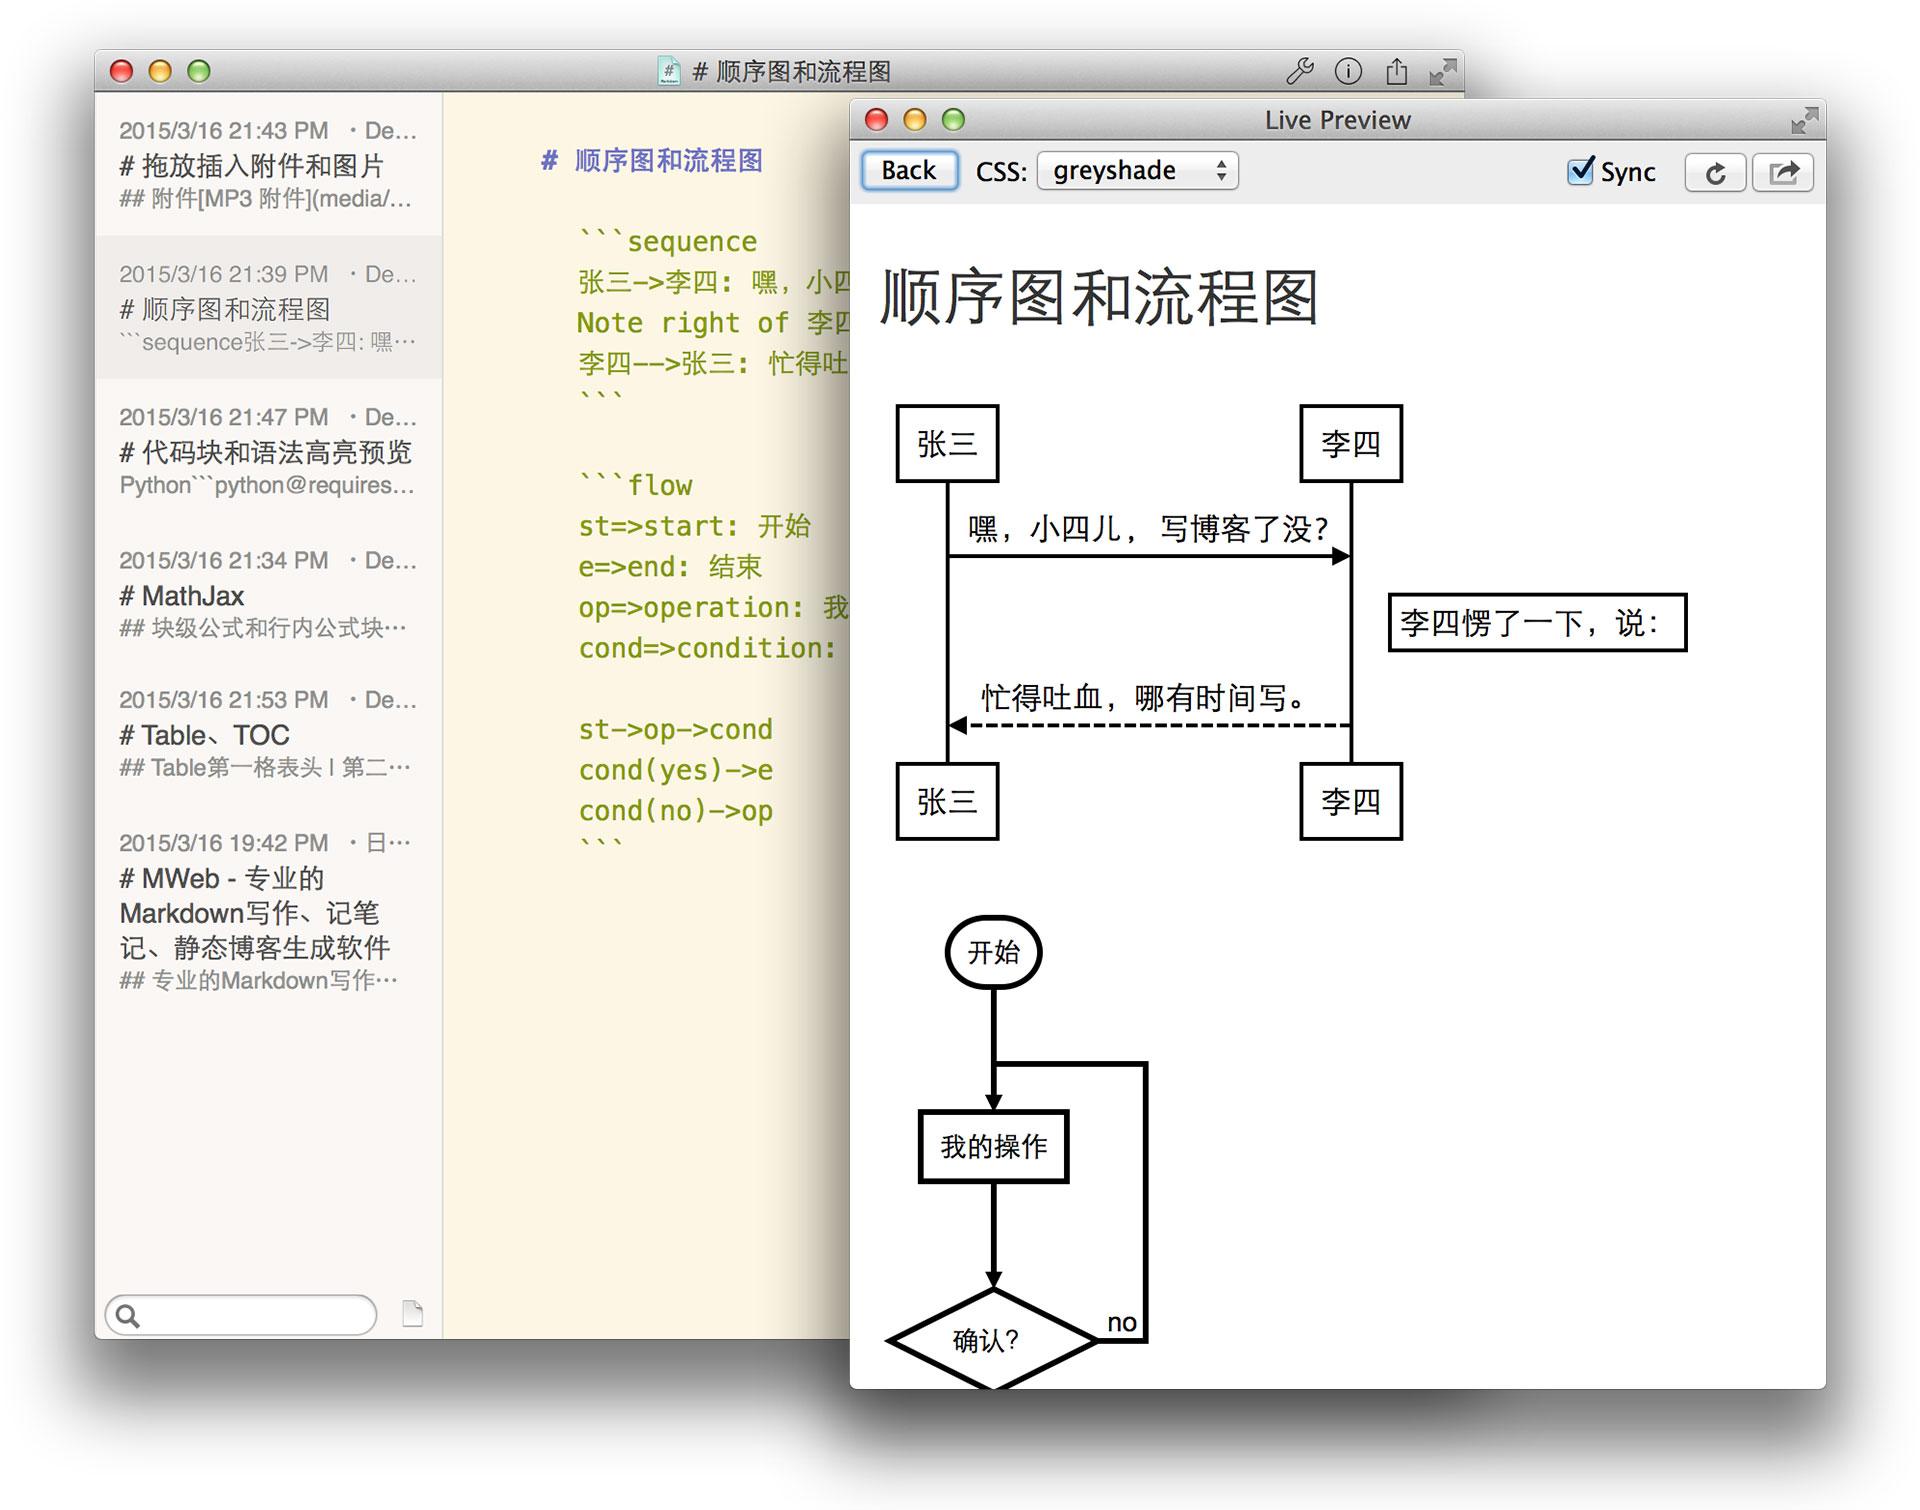 顺序图和流程图